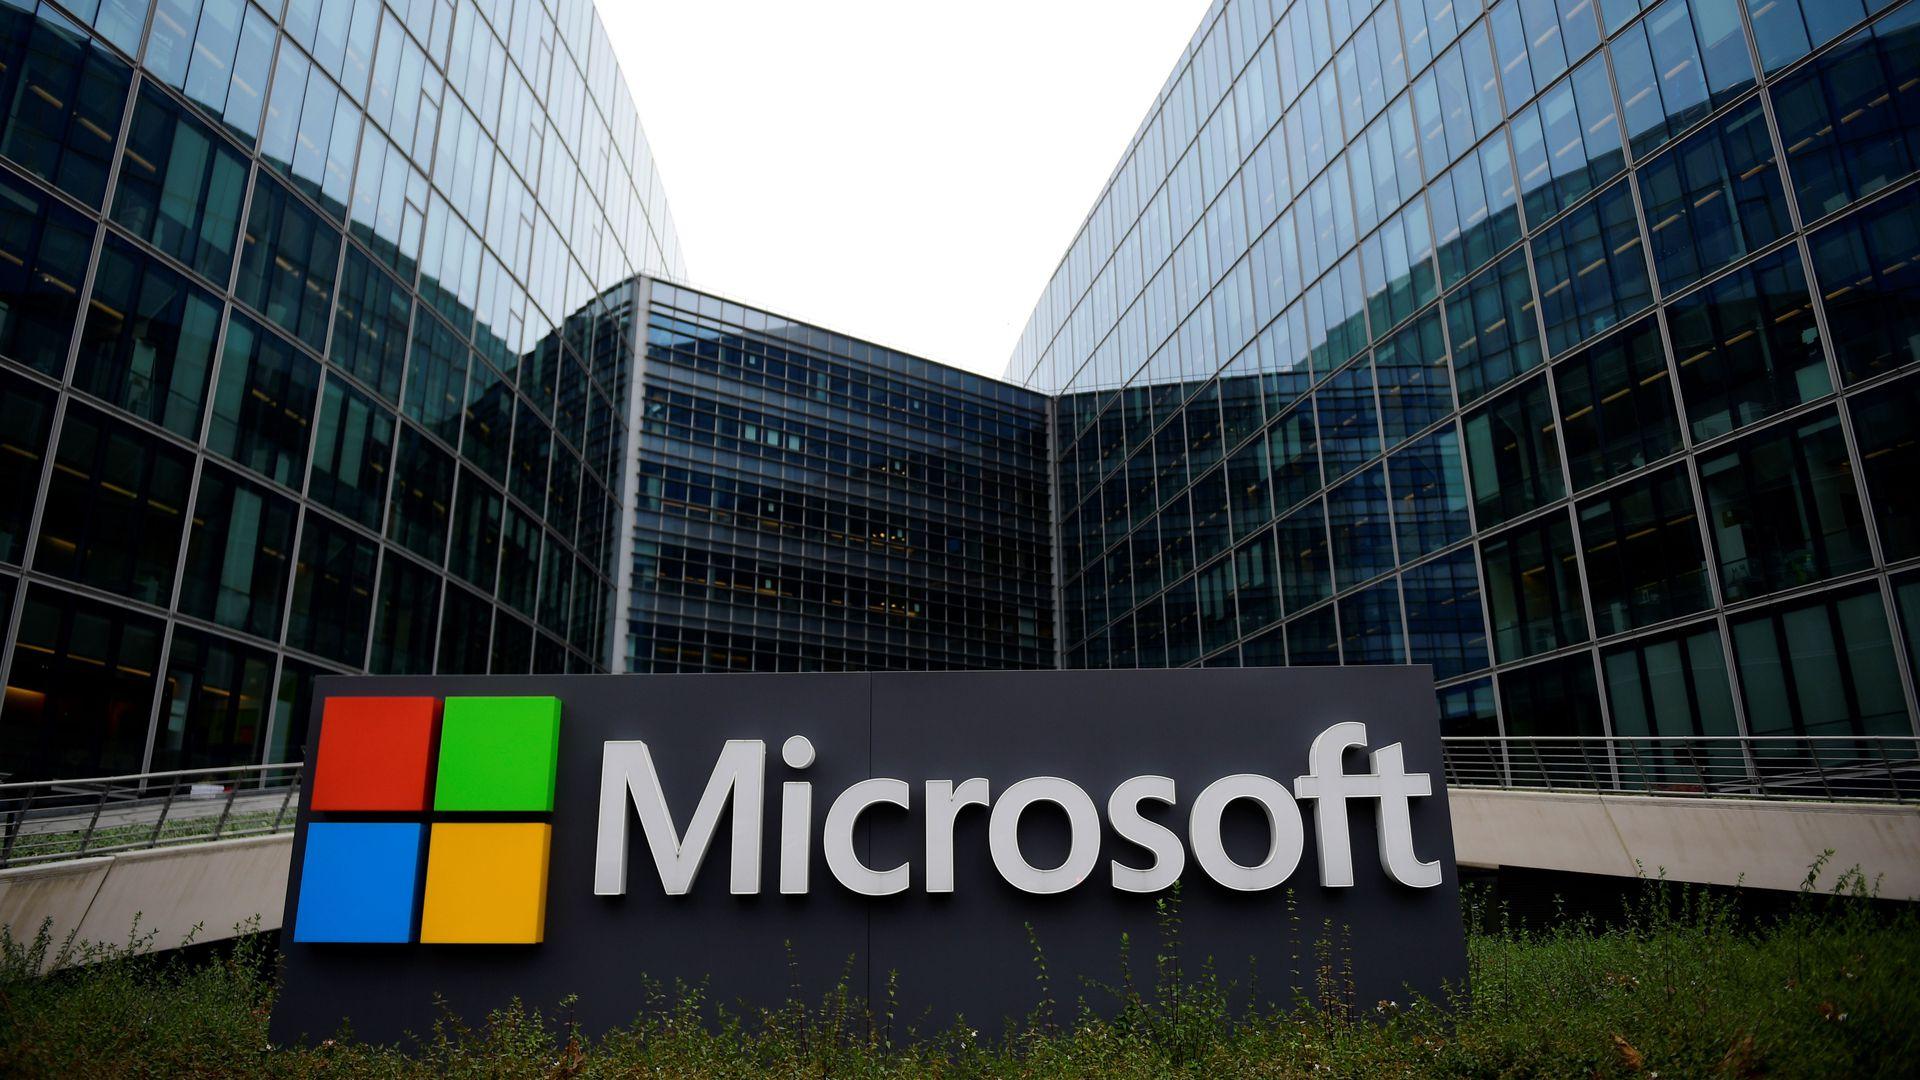 داشتن تنها 4 روز کاری در هفته، بهره وری کارکنان مایکروسافت رو 40 درصد افزایش داده!